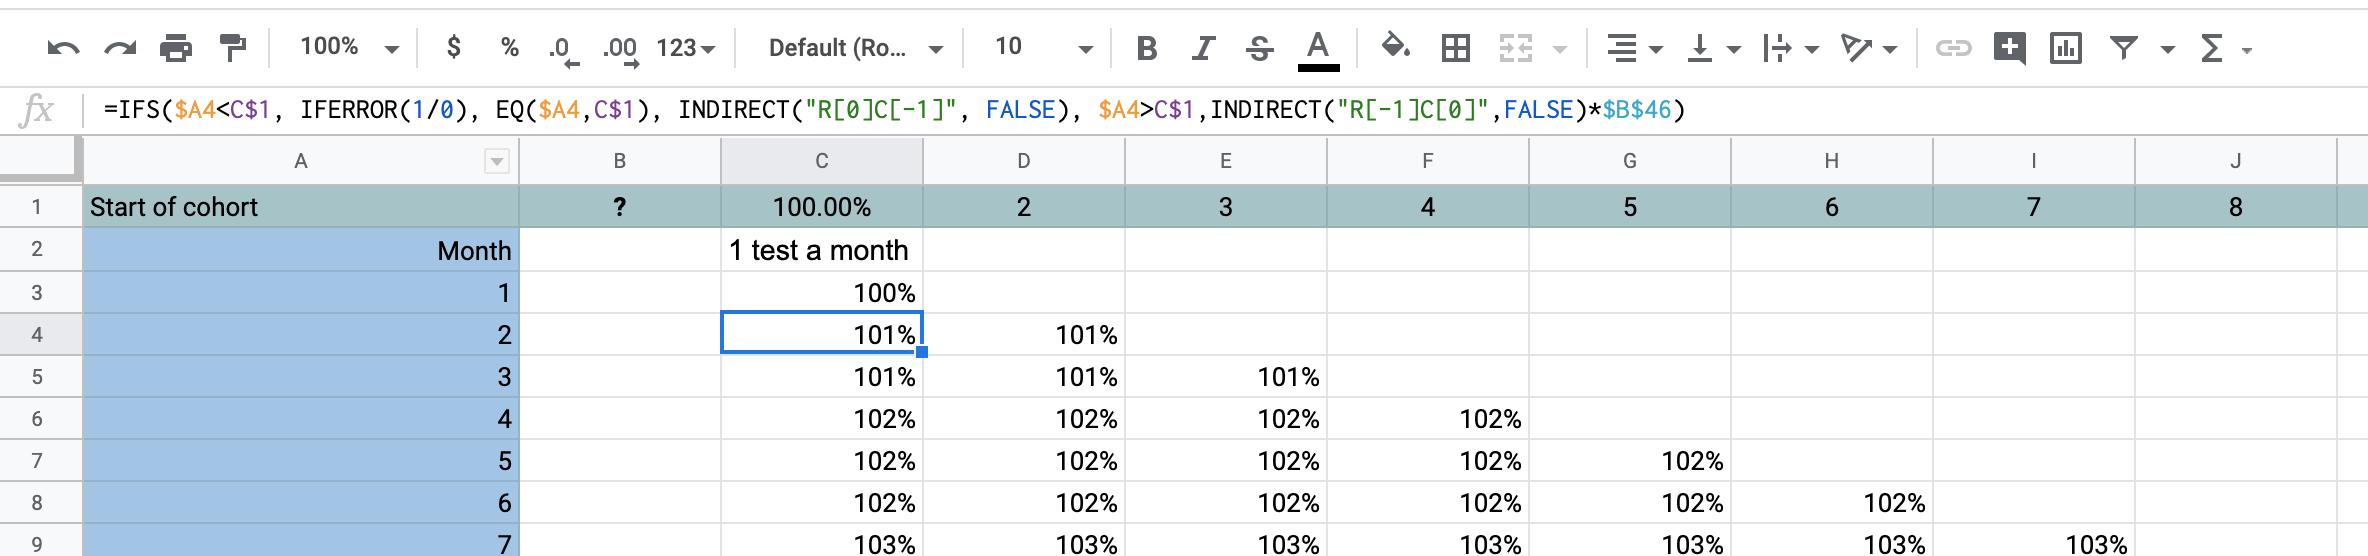 """=IFS($A4<C$1, IFERROR(1/0), EQ($A4,C$1), INDIRECT(""""R[0]C[-1]"""", FALSE), $A4>C$1,INDIRECT(""""R[-1]C[0]"""",FALSE)*$B$46)"""